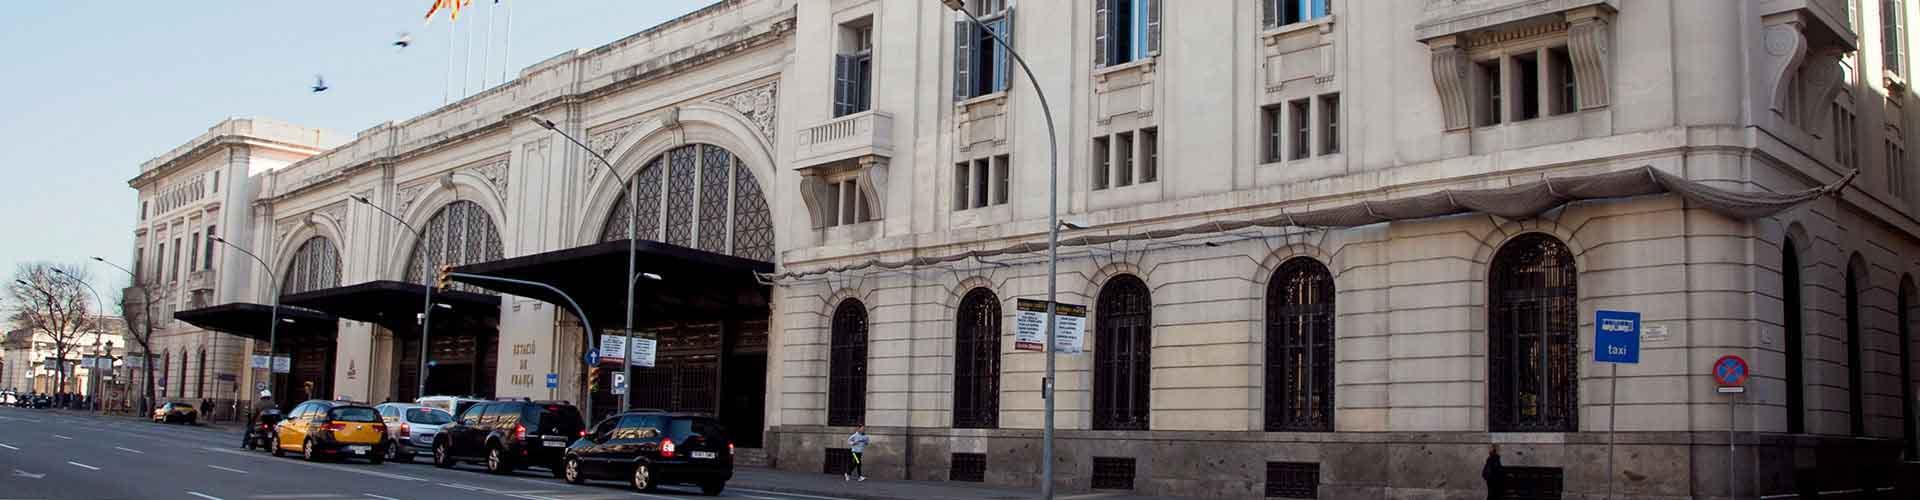 바르셀로나 - 프랑사 기차역에 가까운 아파트. 바르셀로나의 지도, 바르셀로나에 위치한 아파트에 대한 사진 및 리뷰.